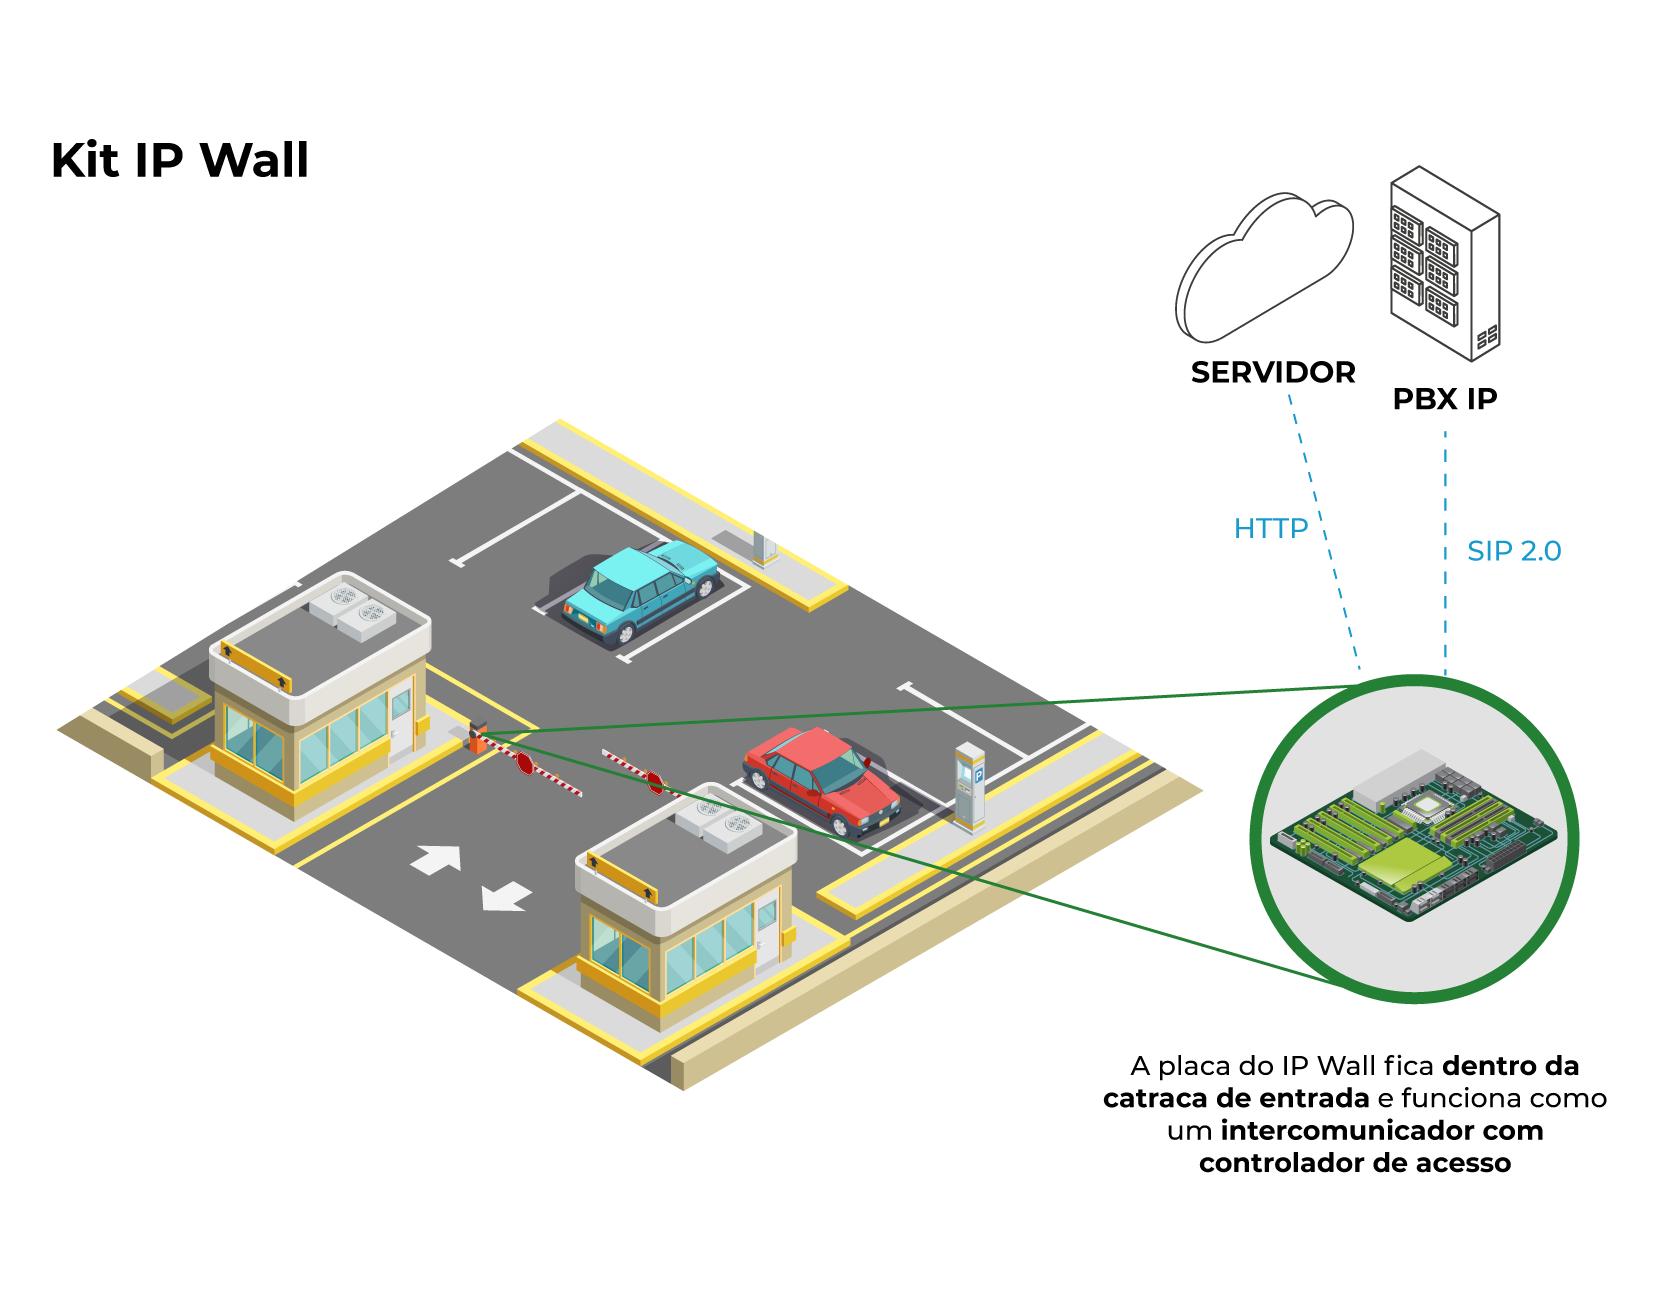 Modelo de Aplicação - Kit IP Wall